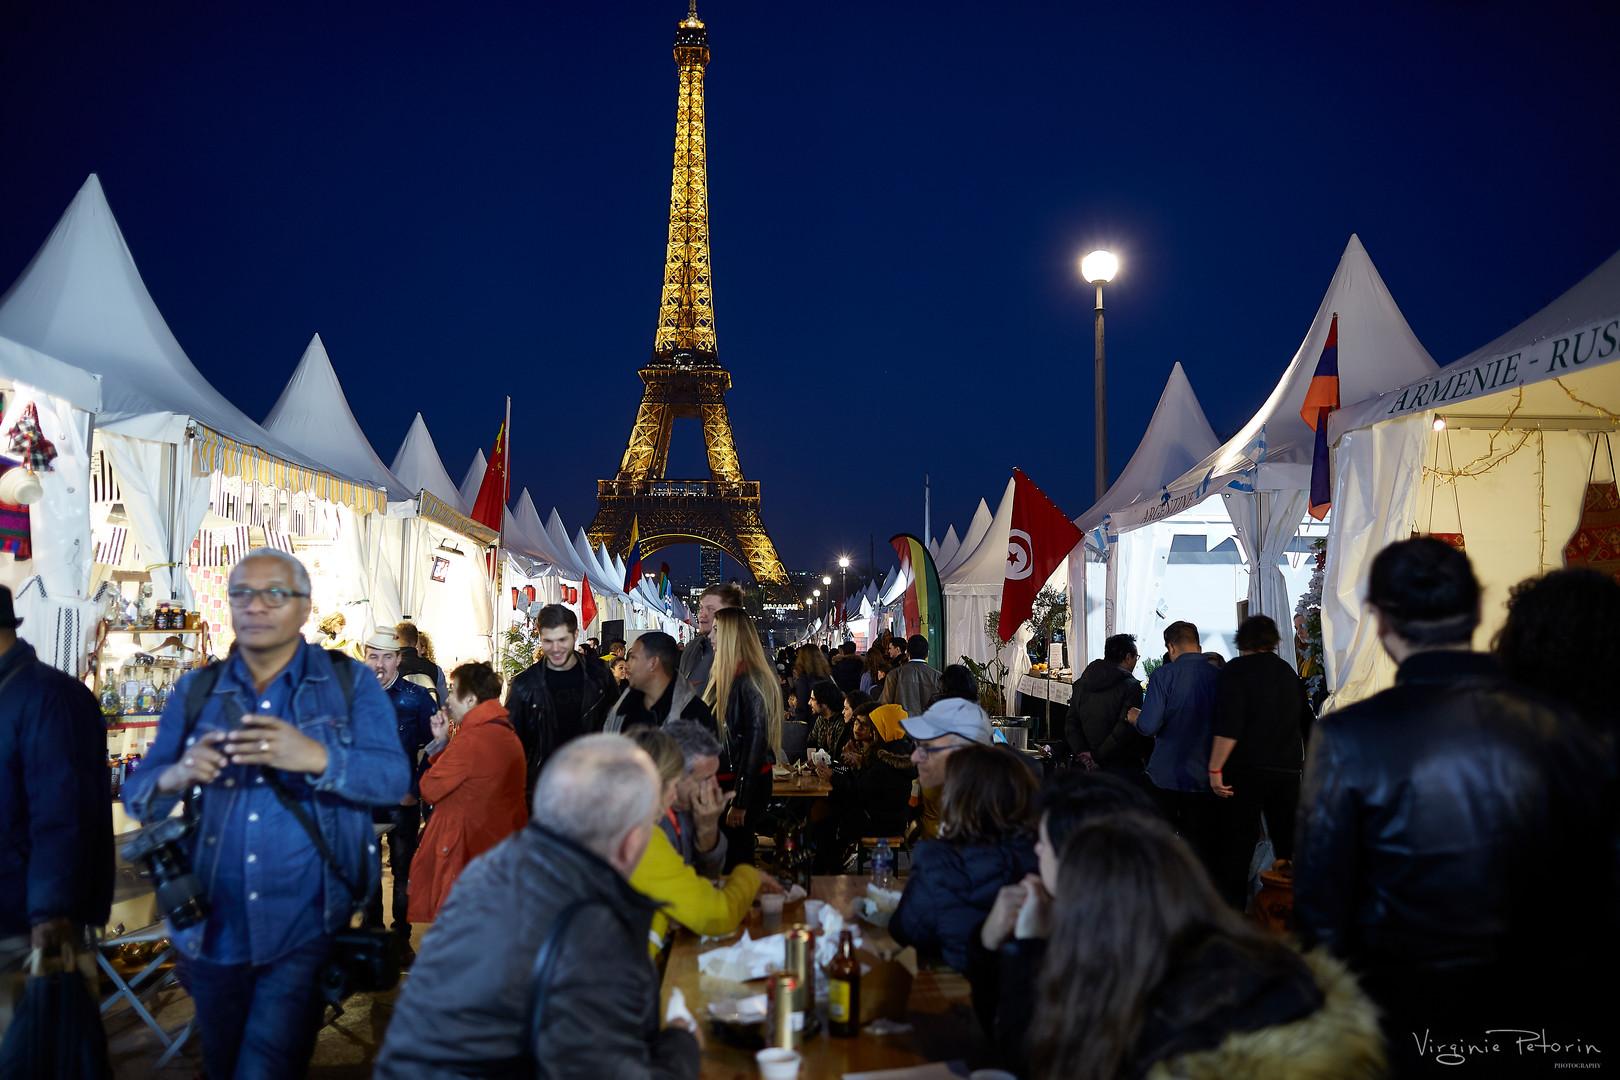 Village international de la gastronomie et des cuisines populaires 2019